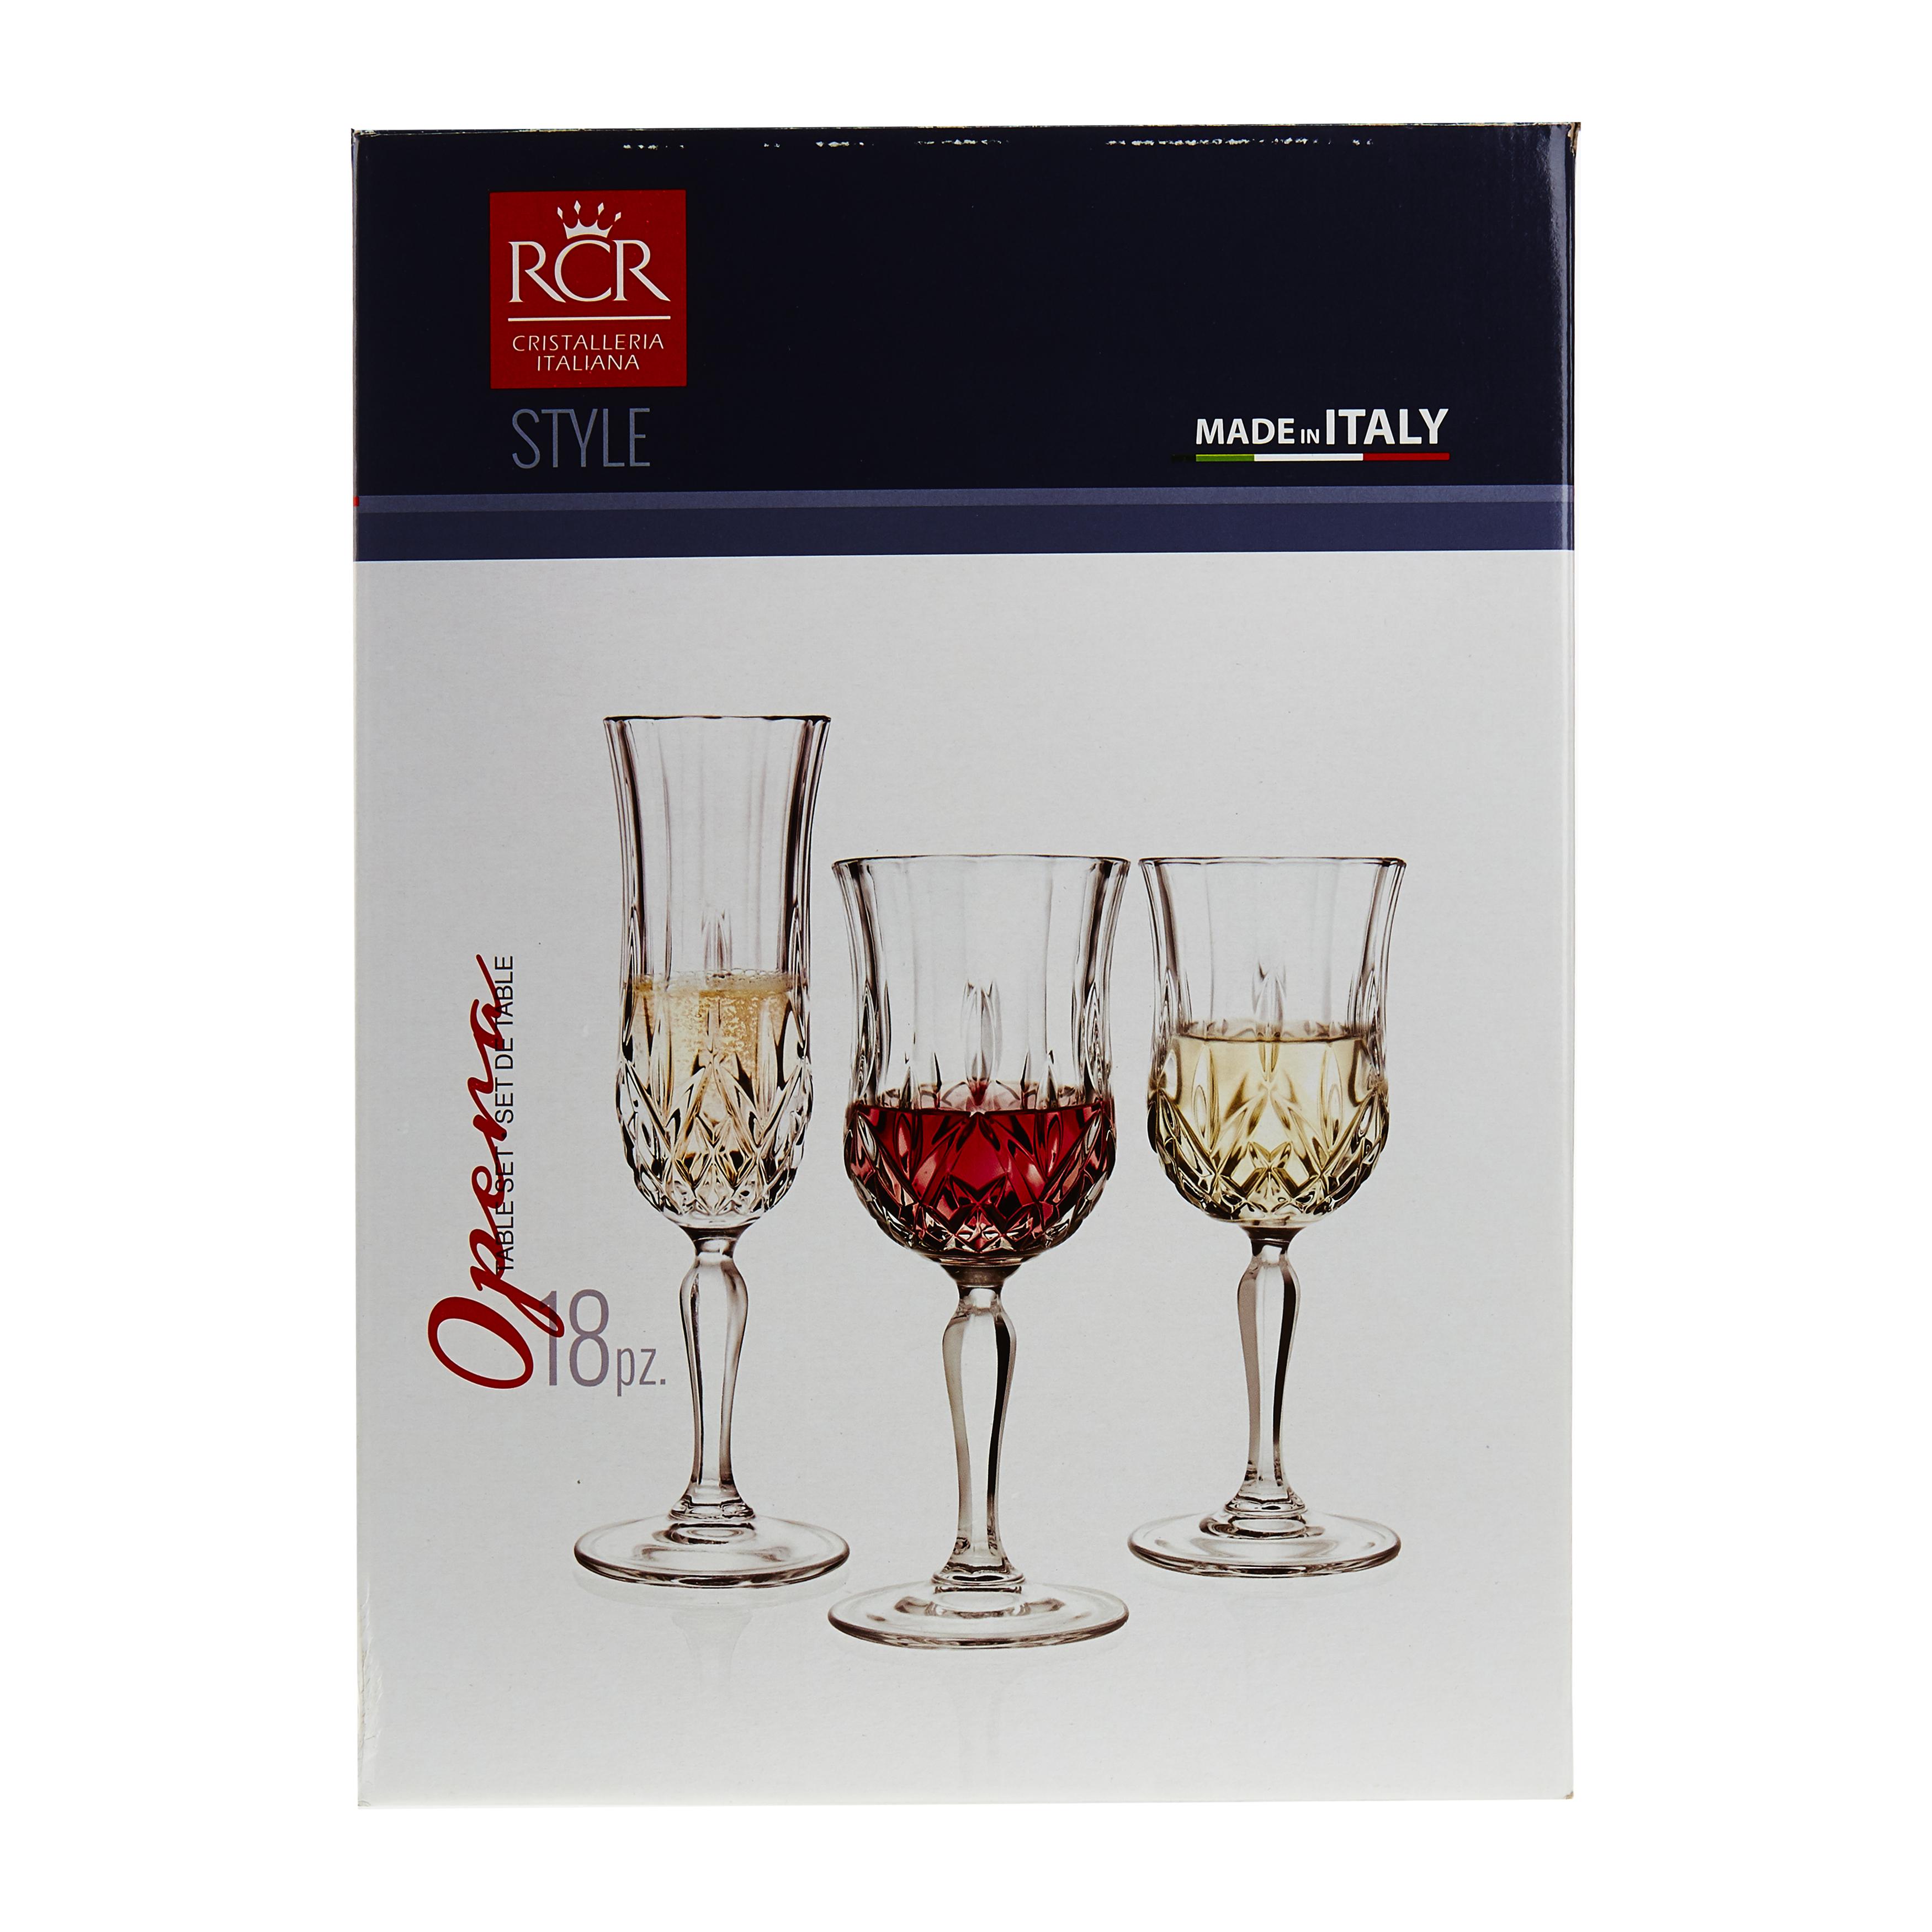 Набор 18 предм OPERA (шамп 6 шт кр вино 230 мл 6 шт бел вино 160 мл 6 шт)Набор Опера состоит из 18 предметов и содержит комплект бокалов для сервировки благородных алкогольных напитков для вашего праздничного стола. В наборе представлены специальные бокалы для шампанского, а также отдельно для красного и для белого вина. Такой набор, изготовленный в едином стиле и дизайне, станет настоящей находкой для гостеприимной хозяйки и непременно удивит ваших гостей своей изысканностью. Изделия выполнены из прочного и современного стекла, при производстве которого не применяется свинец. Набор Опера идеален и для дома, и для оснащения кафе, баров и ресторанов.<br>